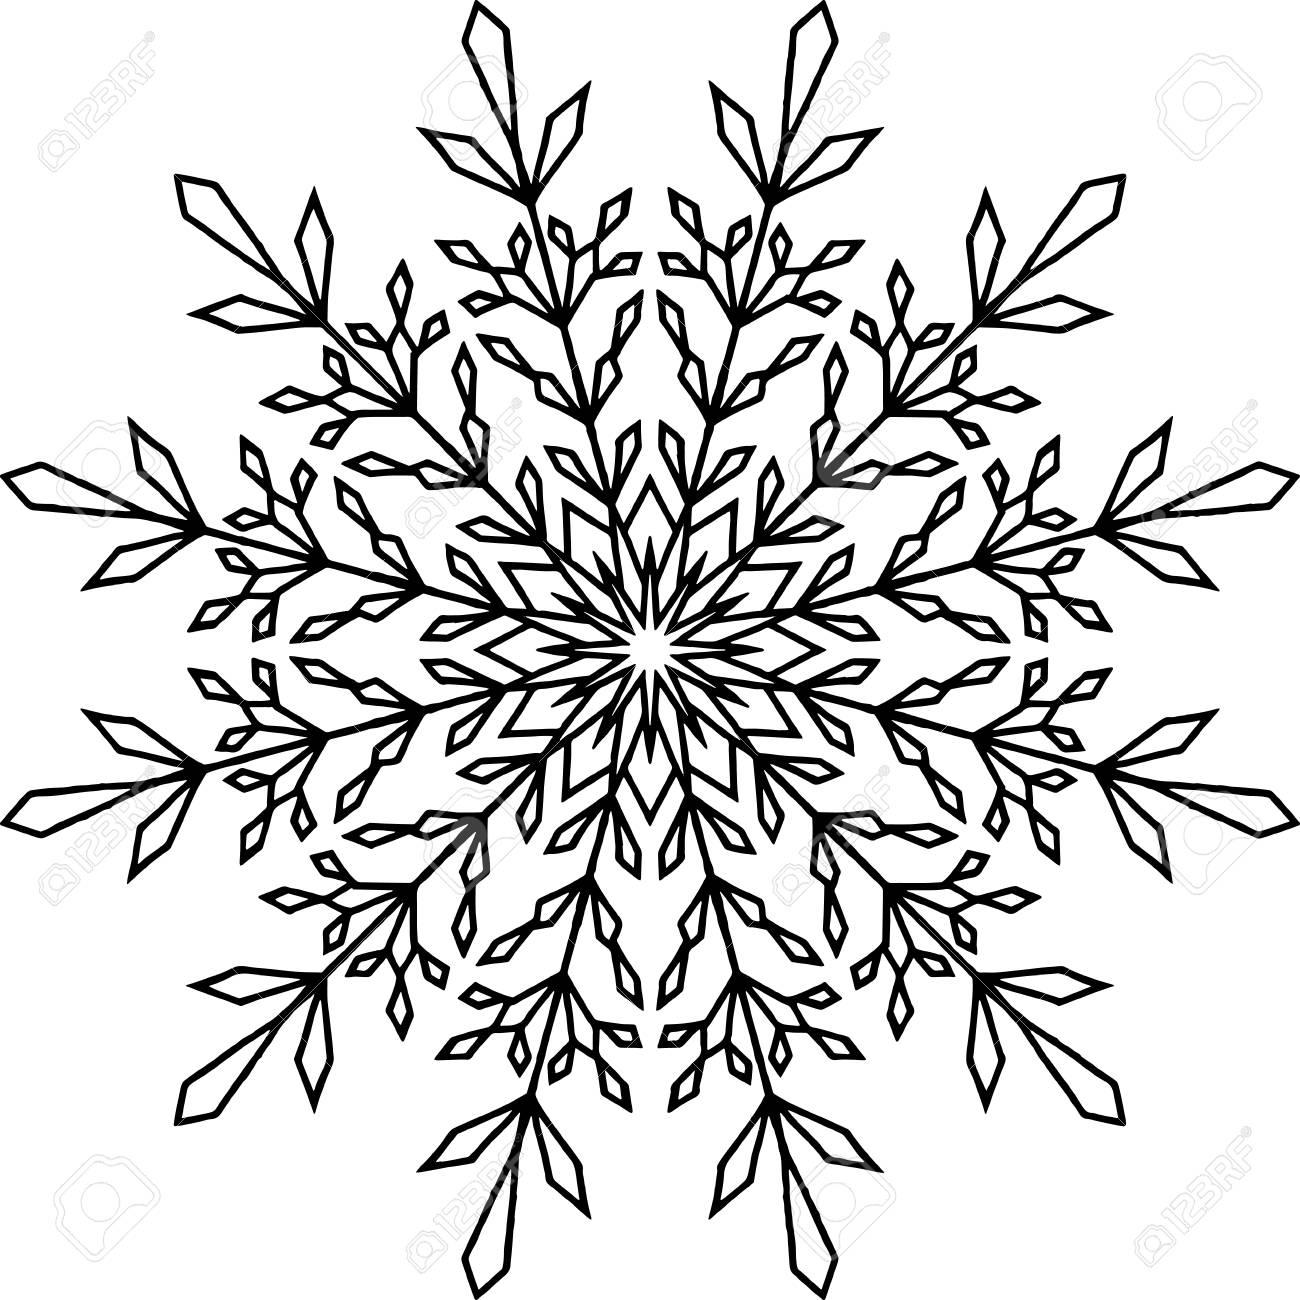 Snowflake Sketch doodle - 92041570